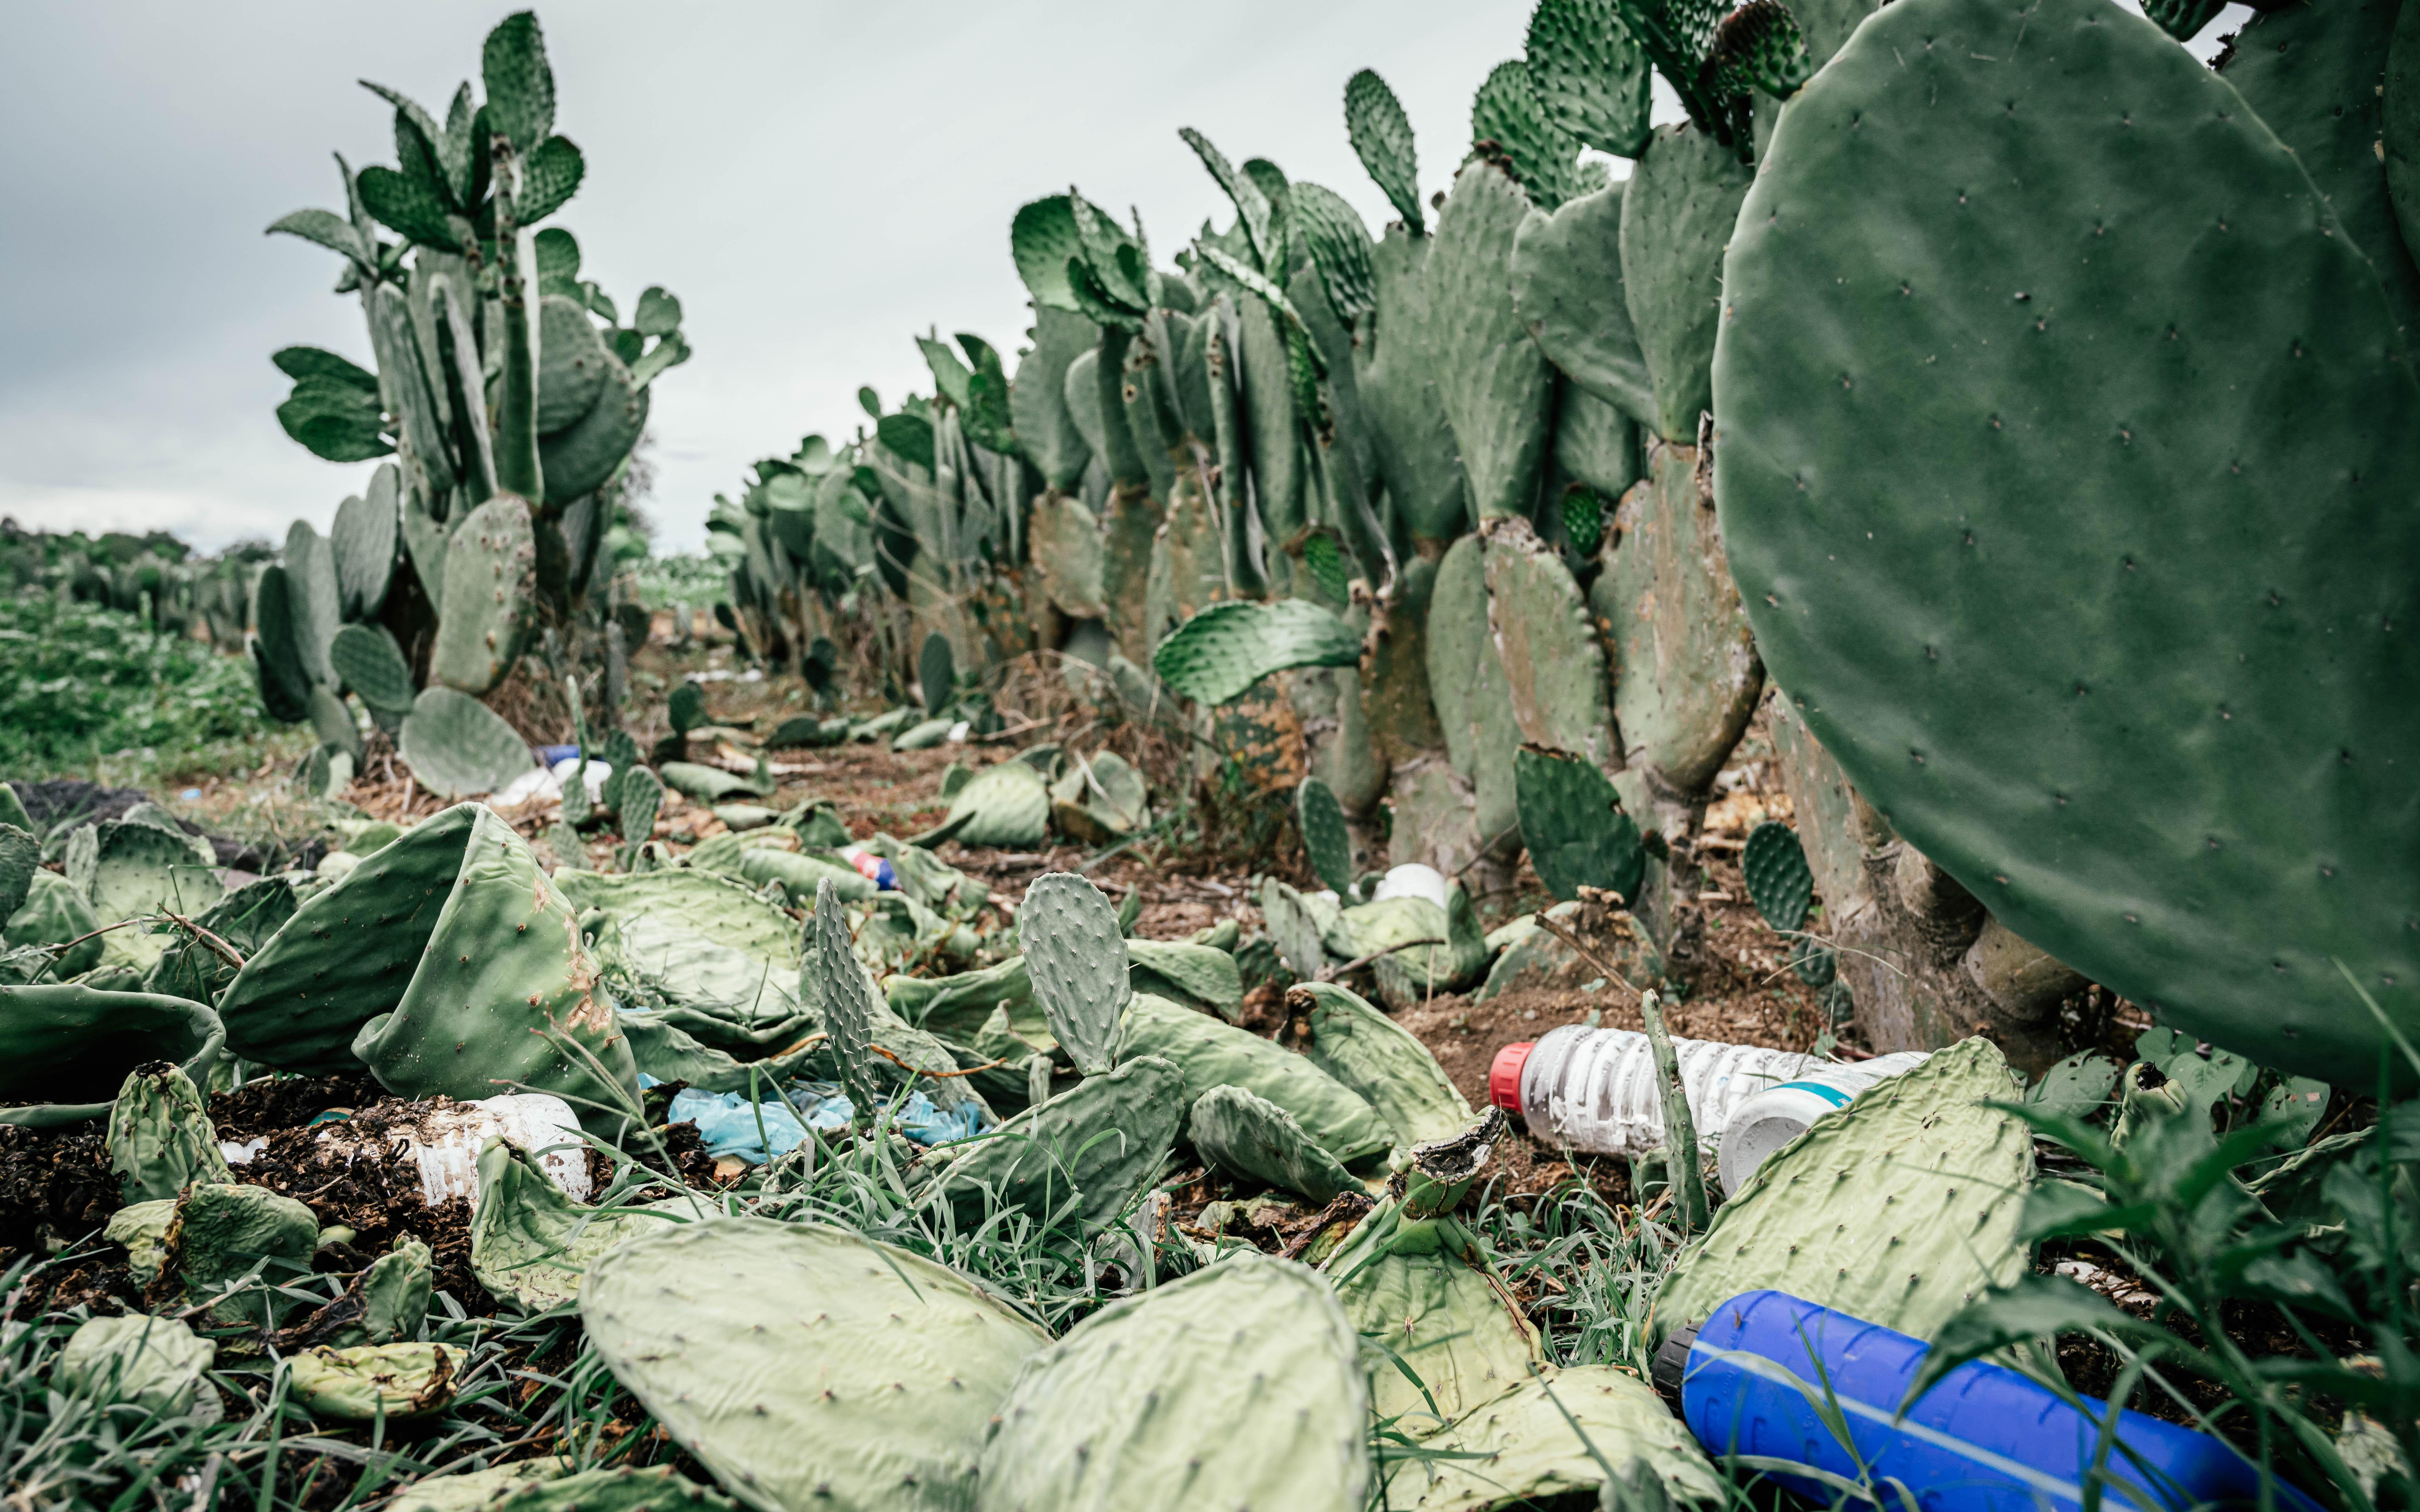 Cholula, Mexico